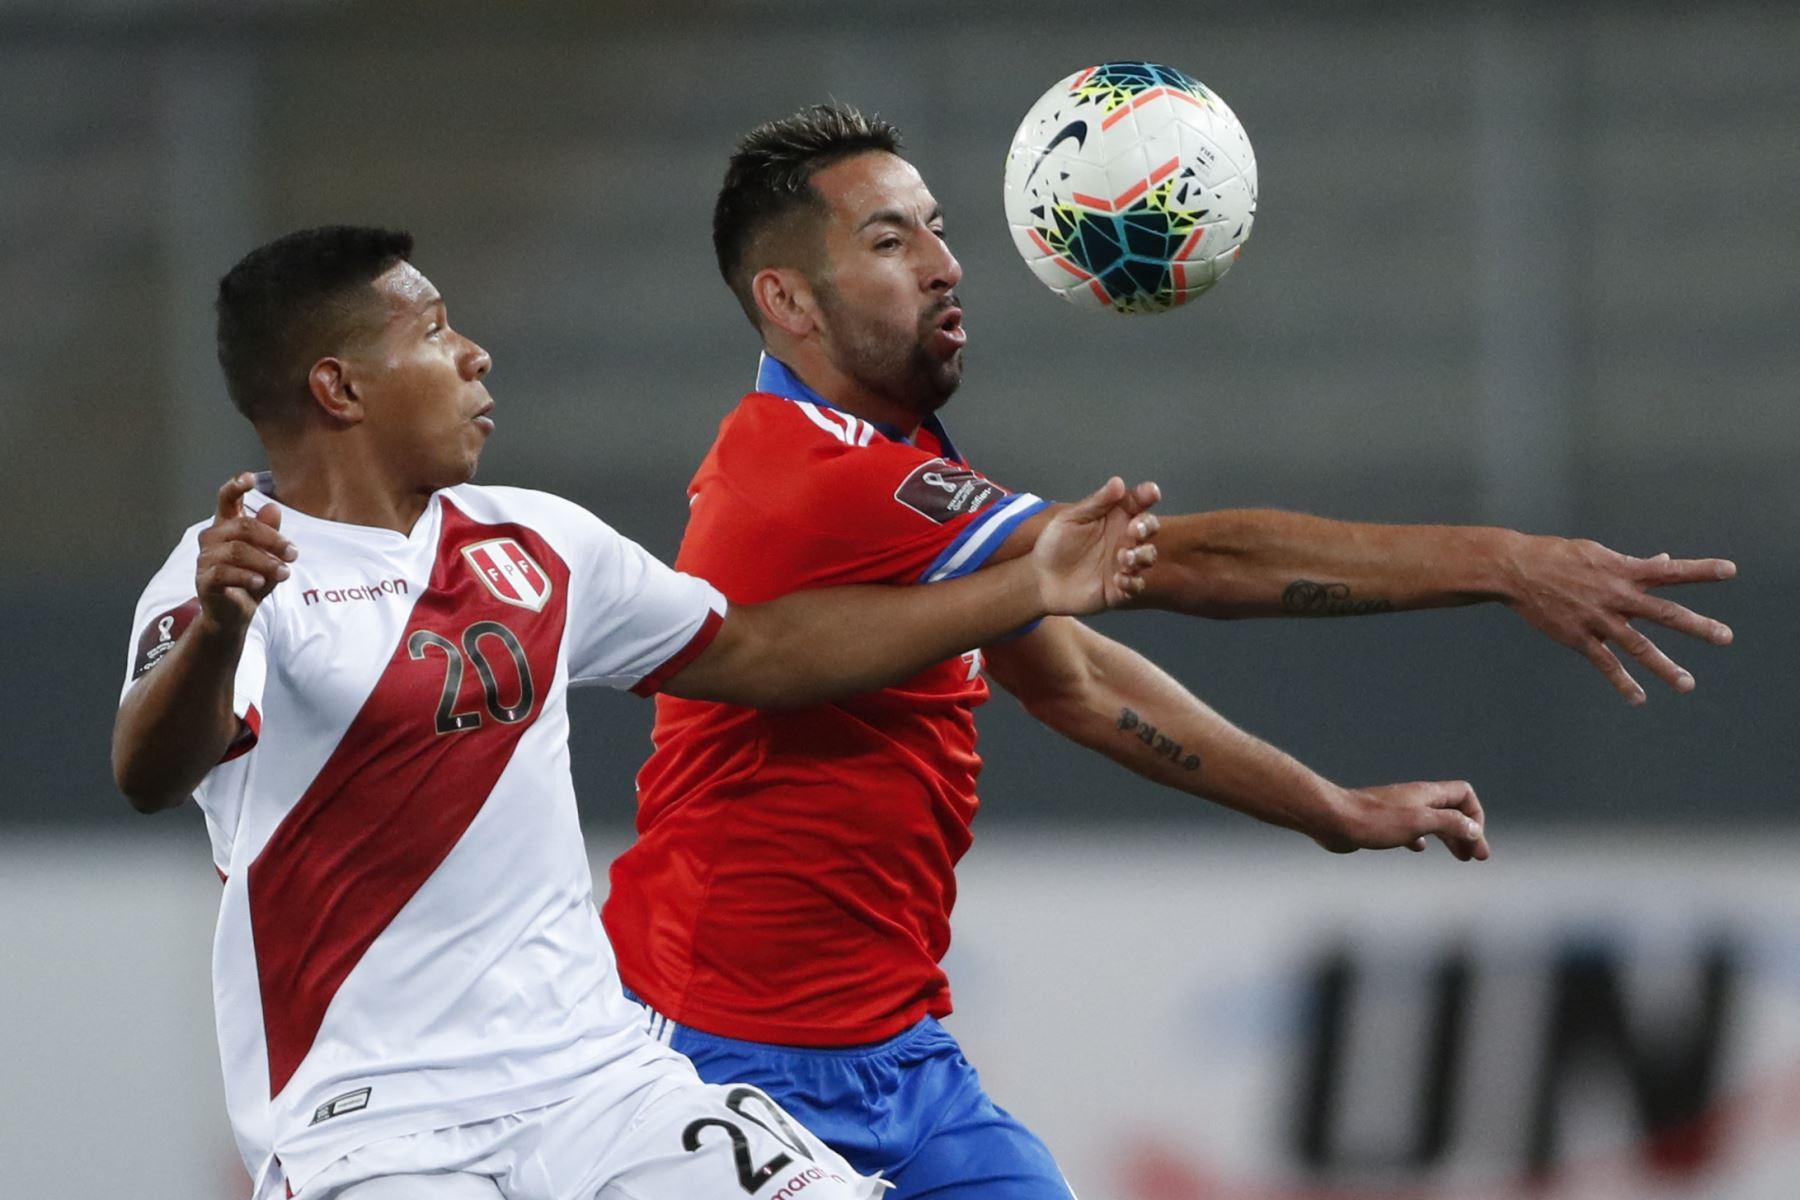 Perú empata con Chile a cero goles en el primer tiempo de la fecha 11 de las Eliminatorias